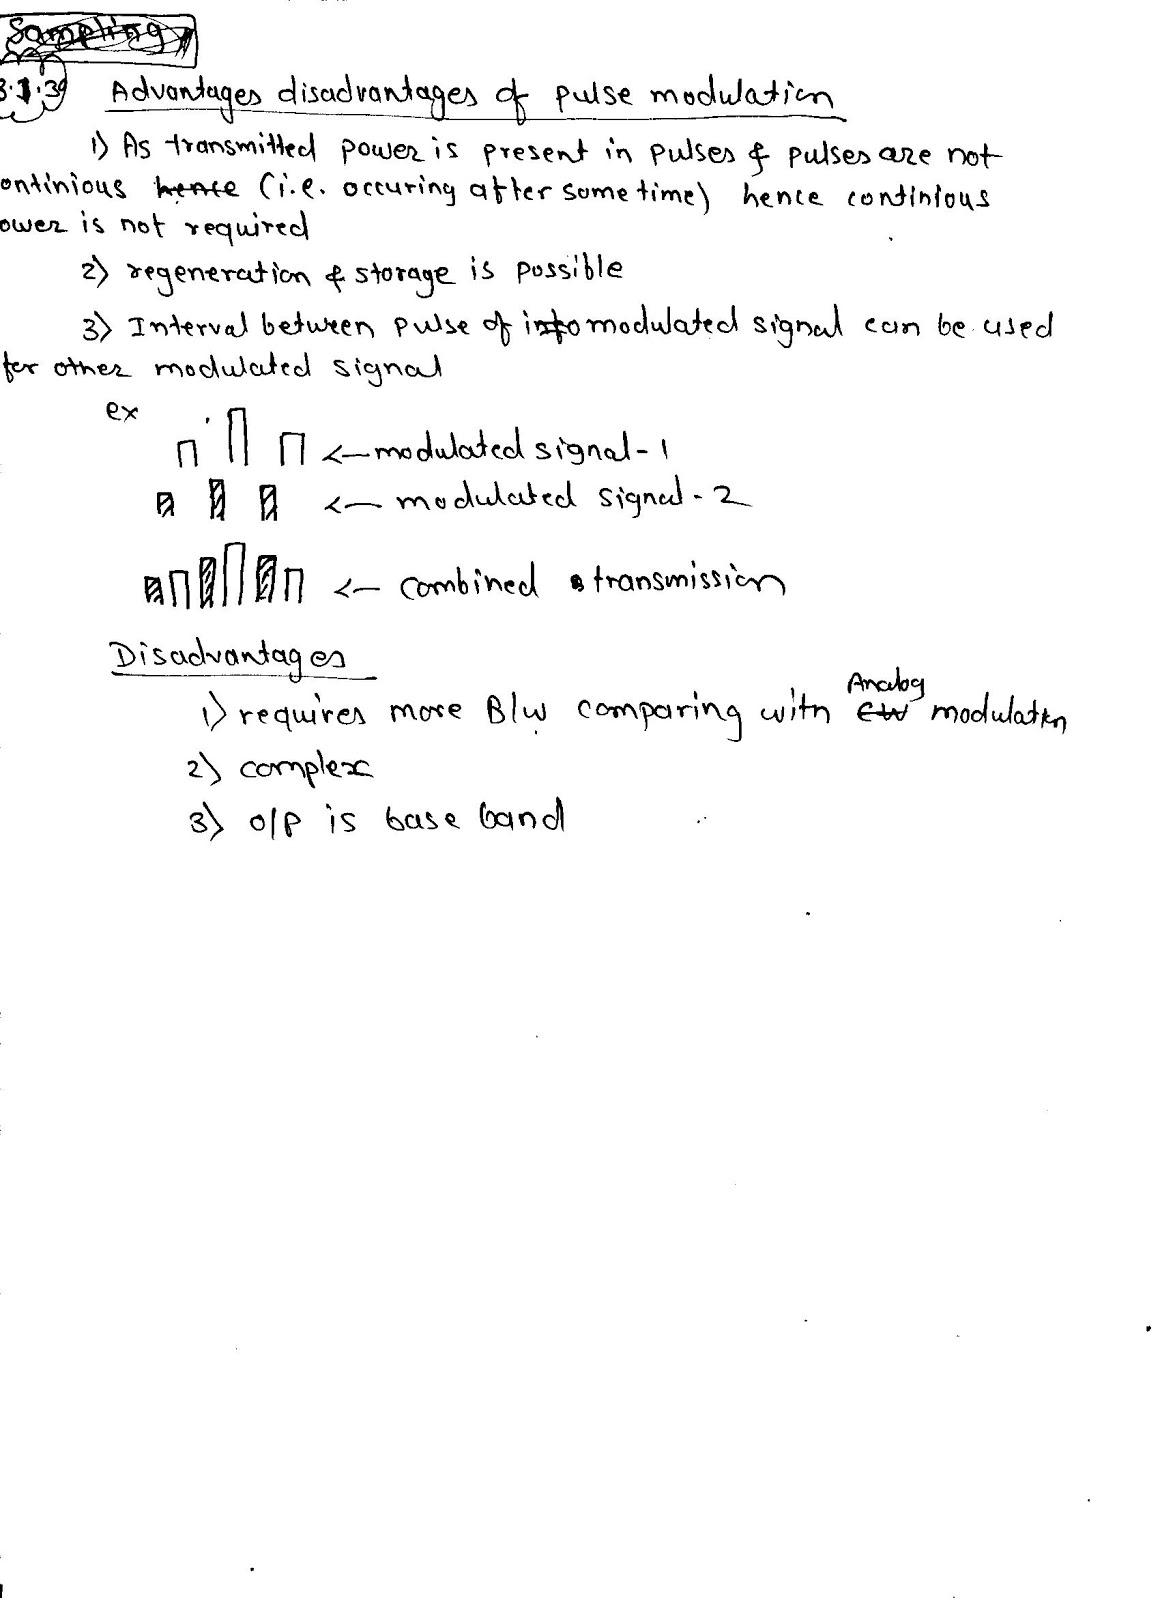 Advantages of pulse communication